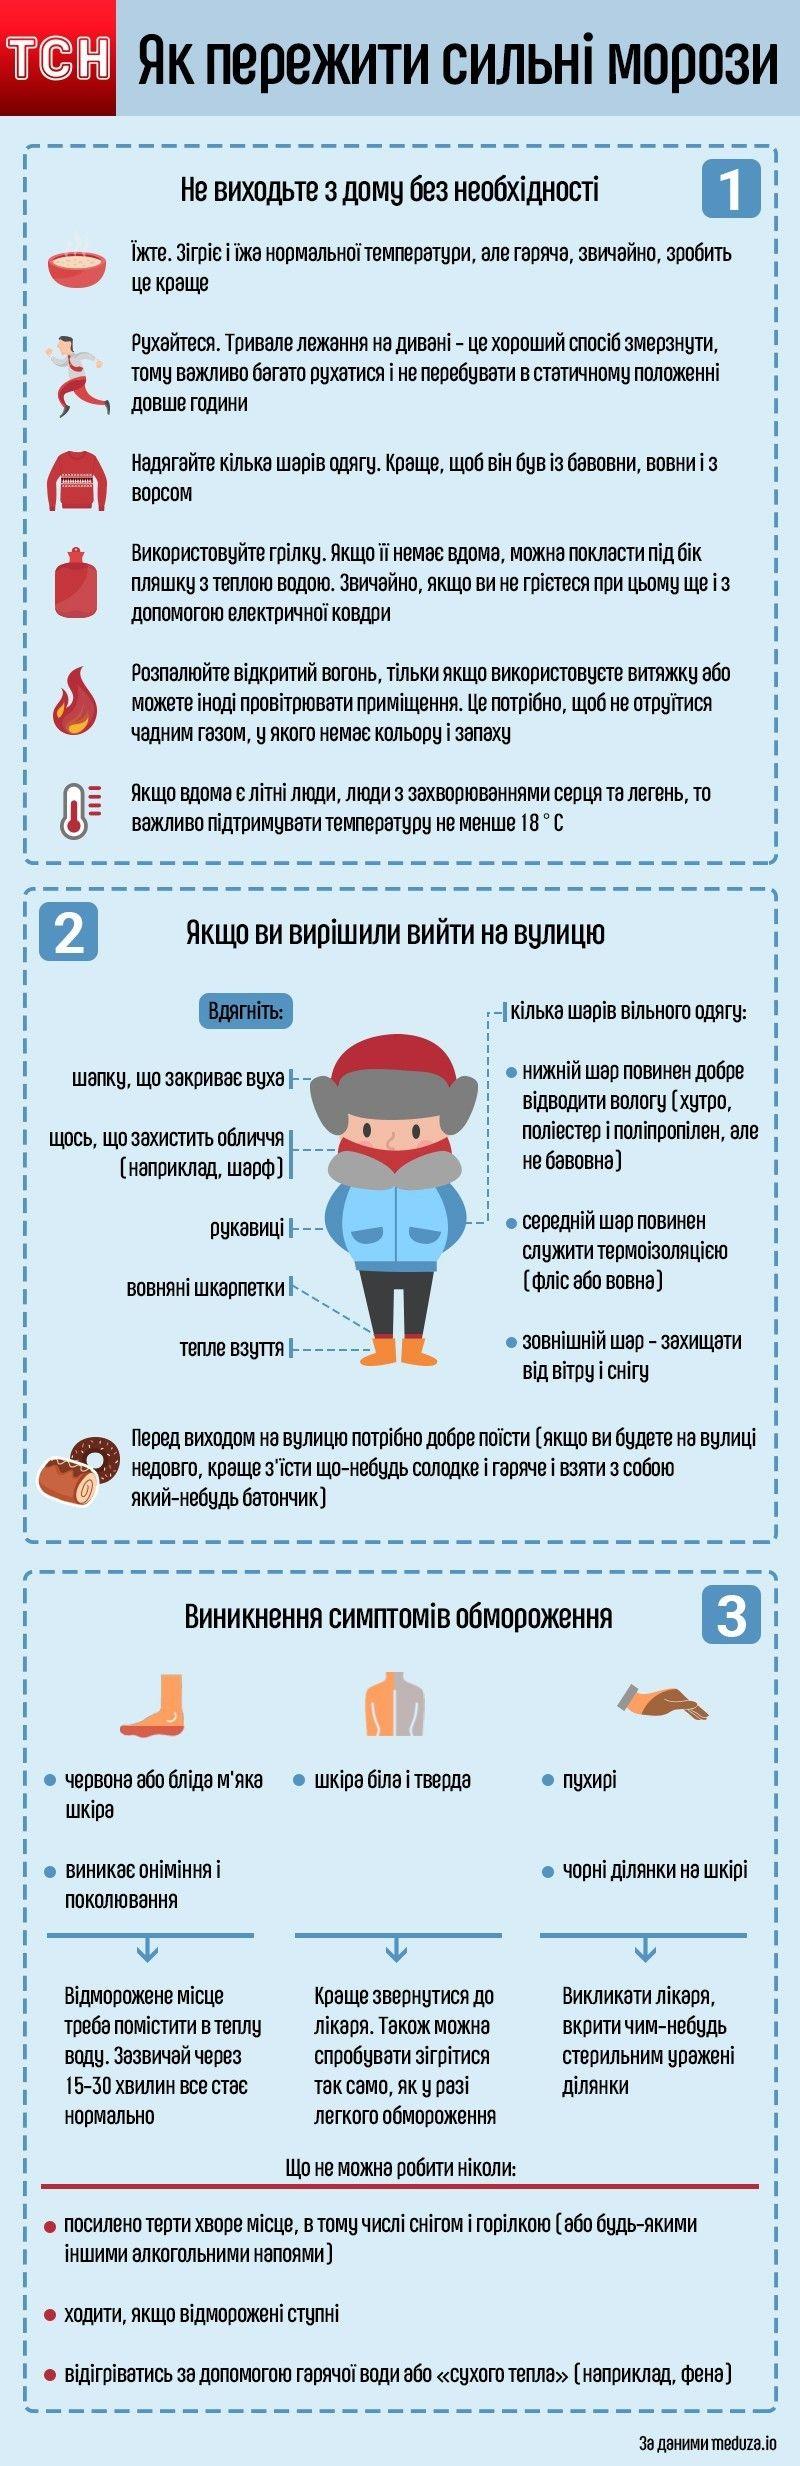 Як пережити сильні морози, інфографіка